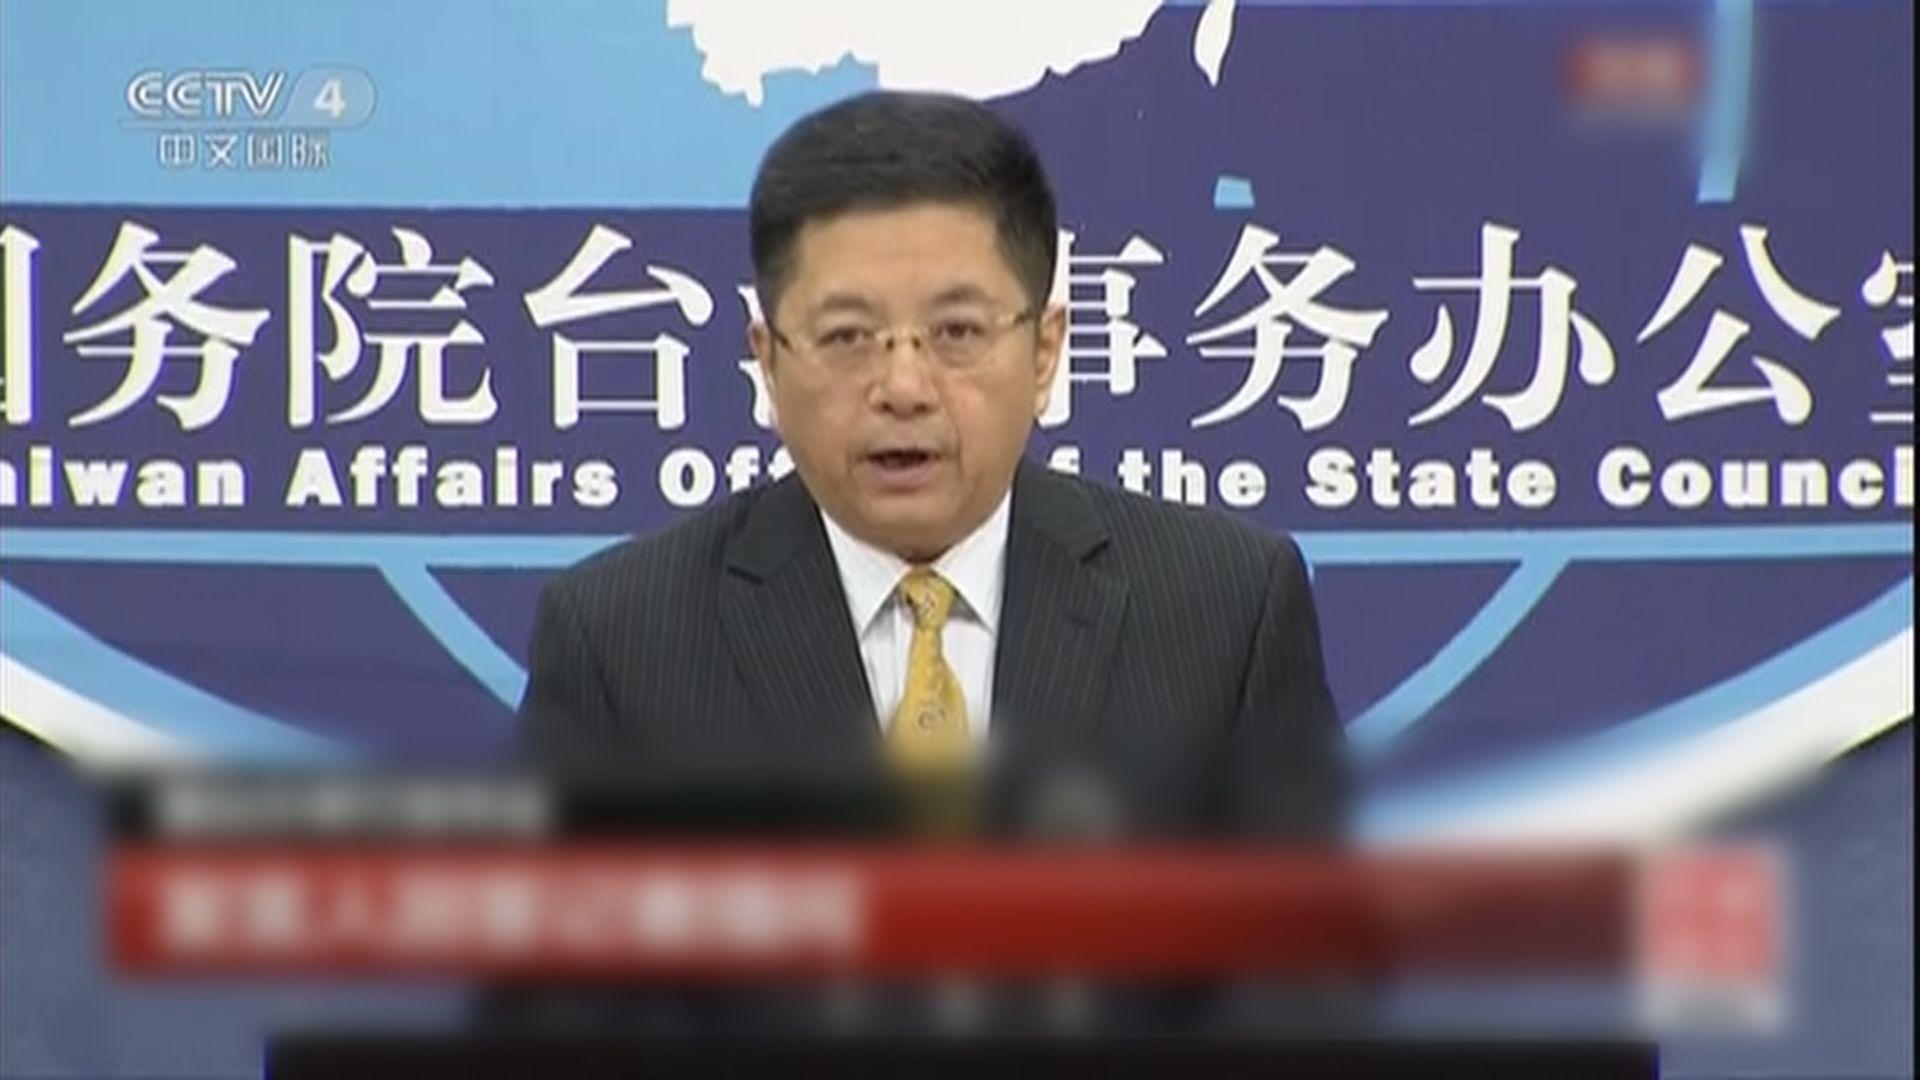 國台辦警告民進黨不要插手香港事務